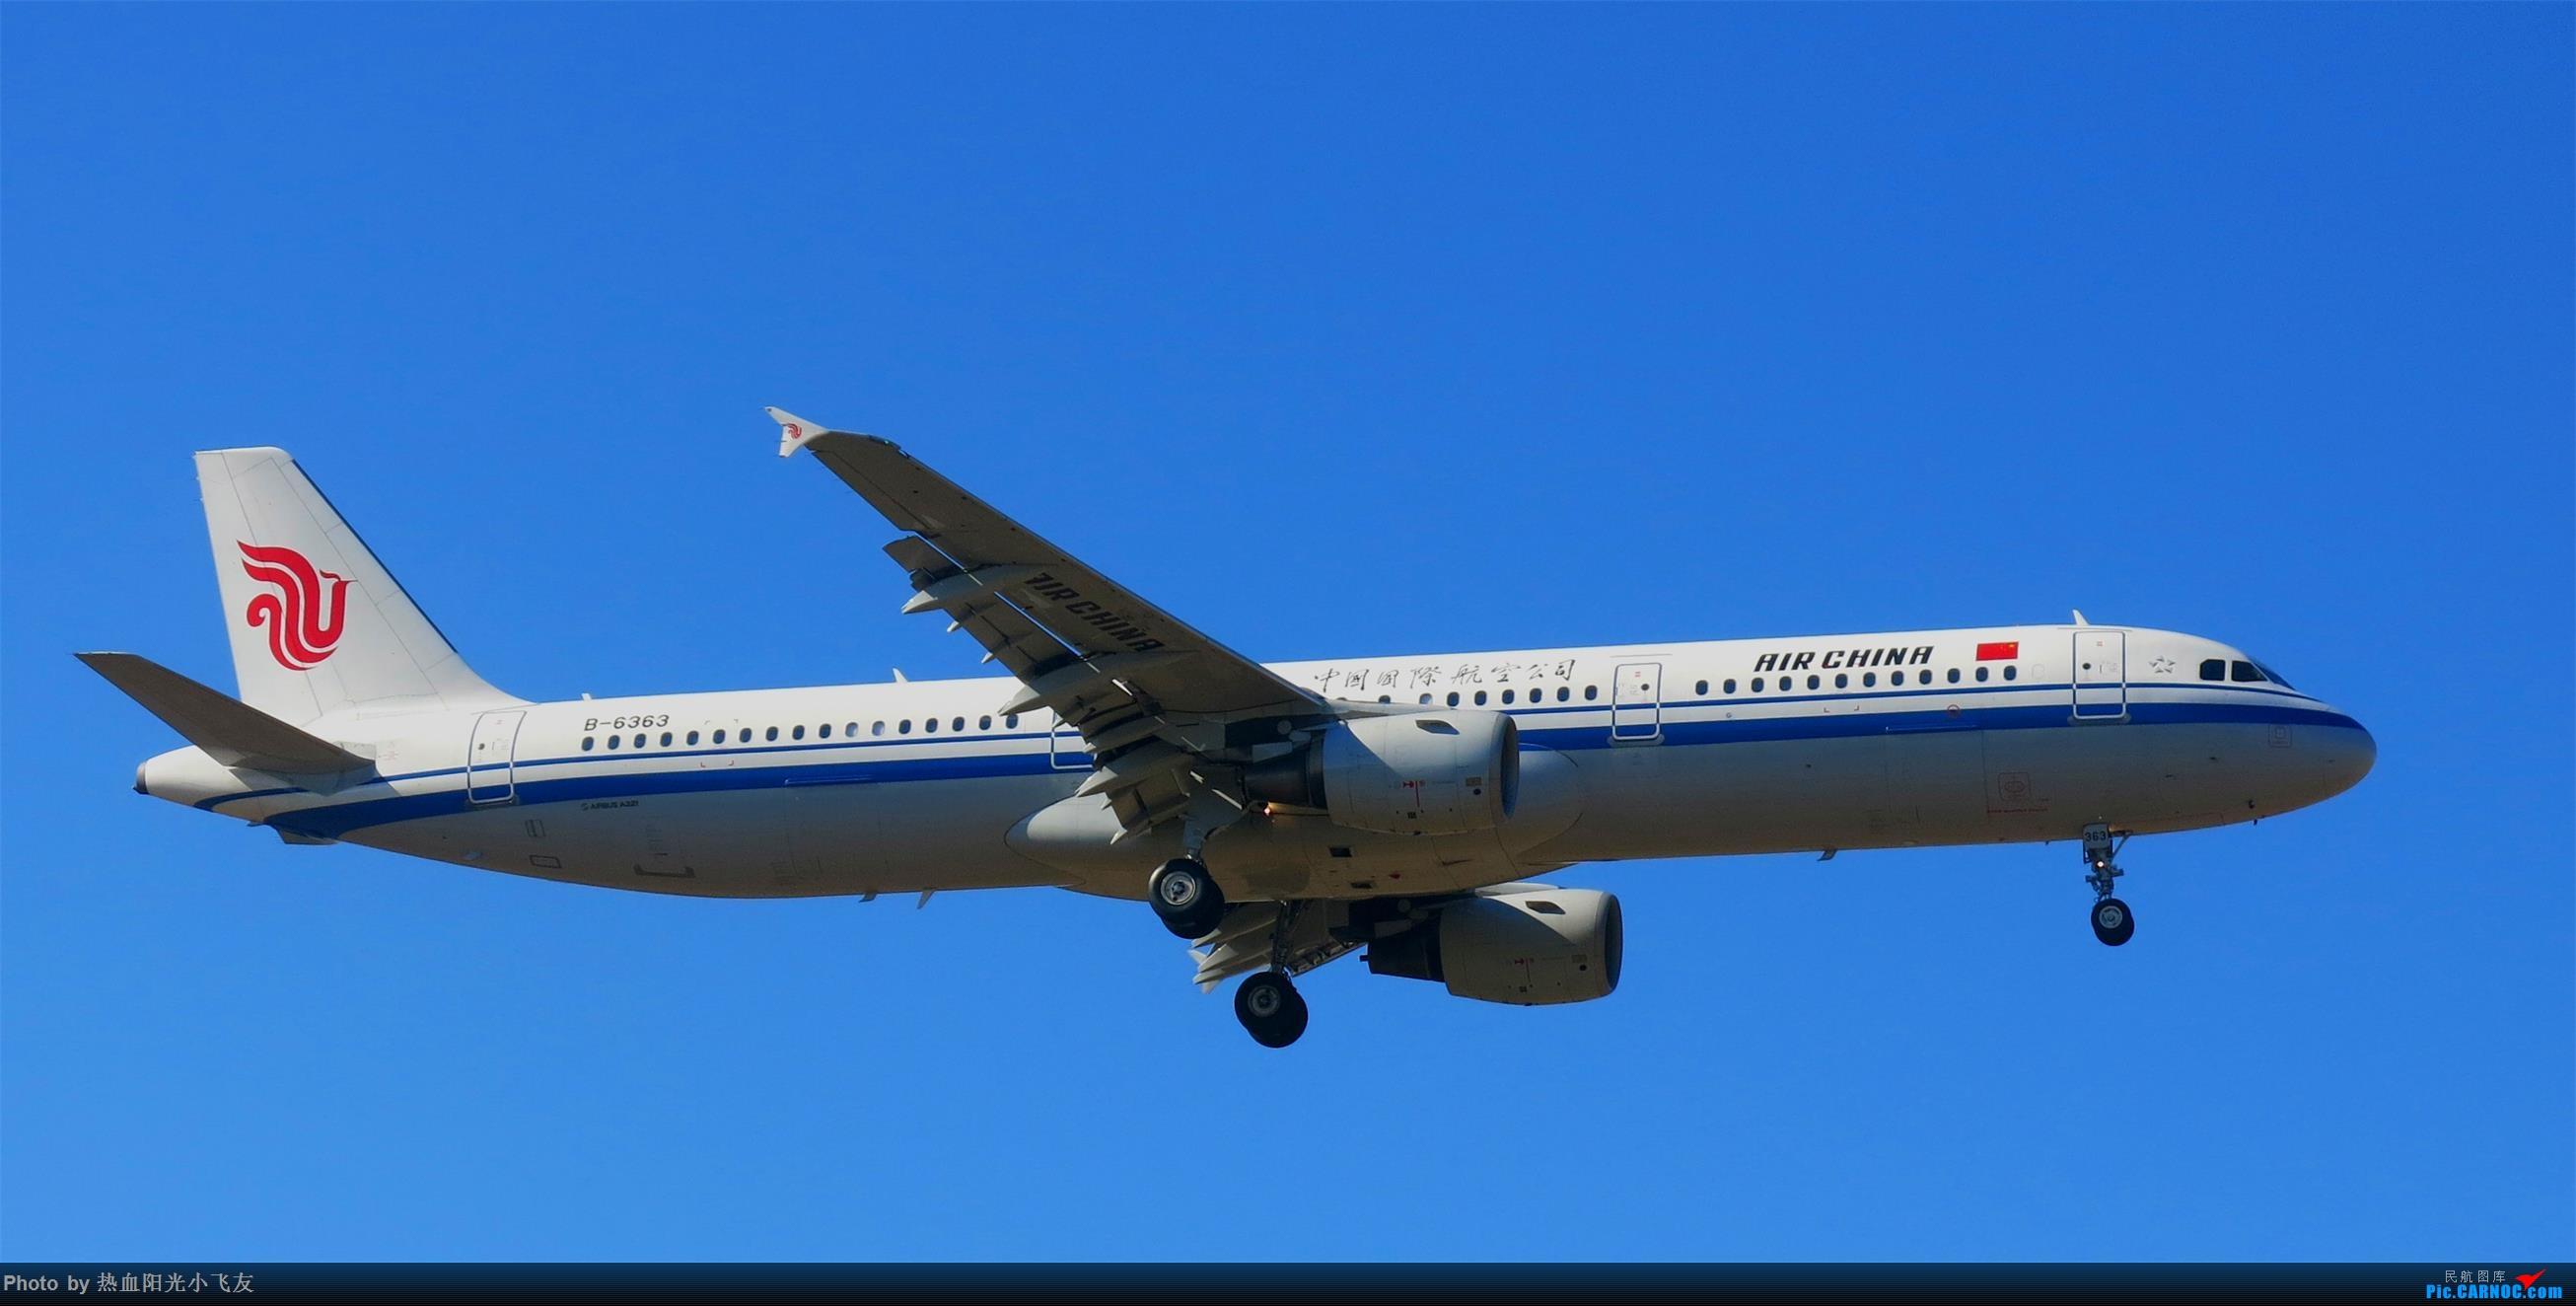 PEK八卦台36R拍机10.24 AIRBUS A321-200 B-6363 中国北京首都国际机场